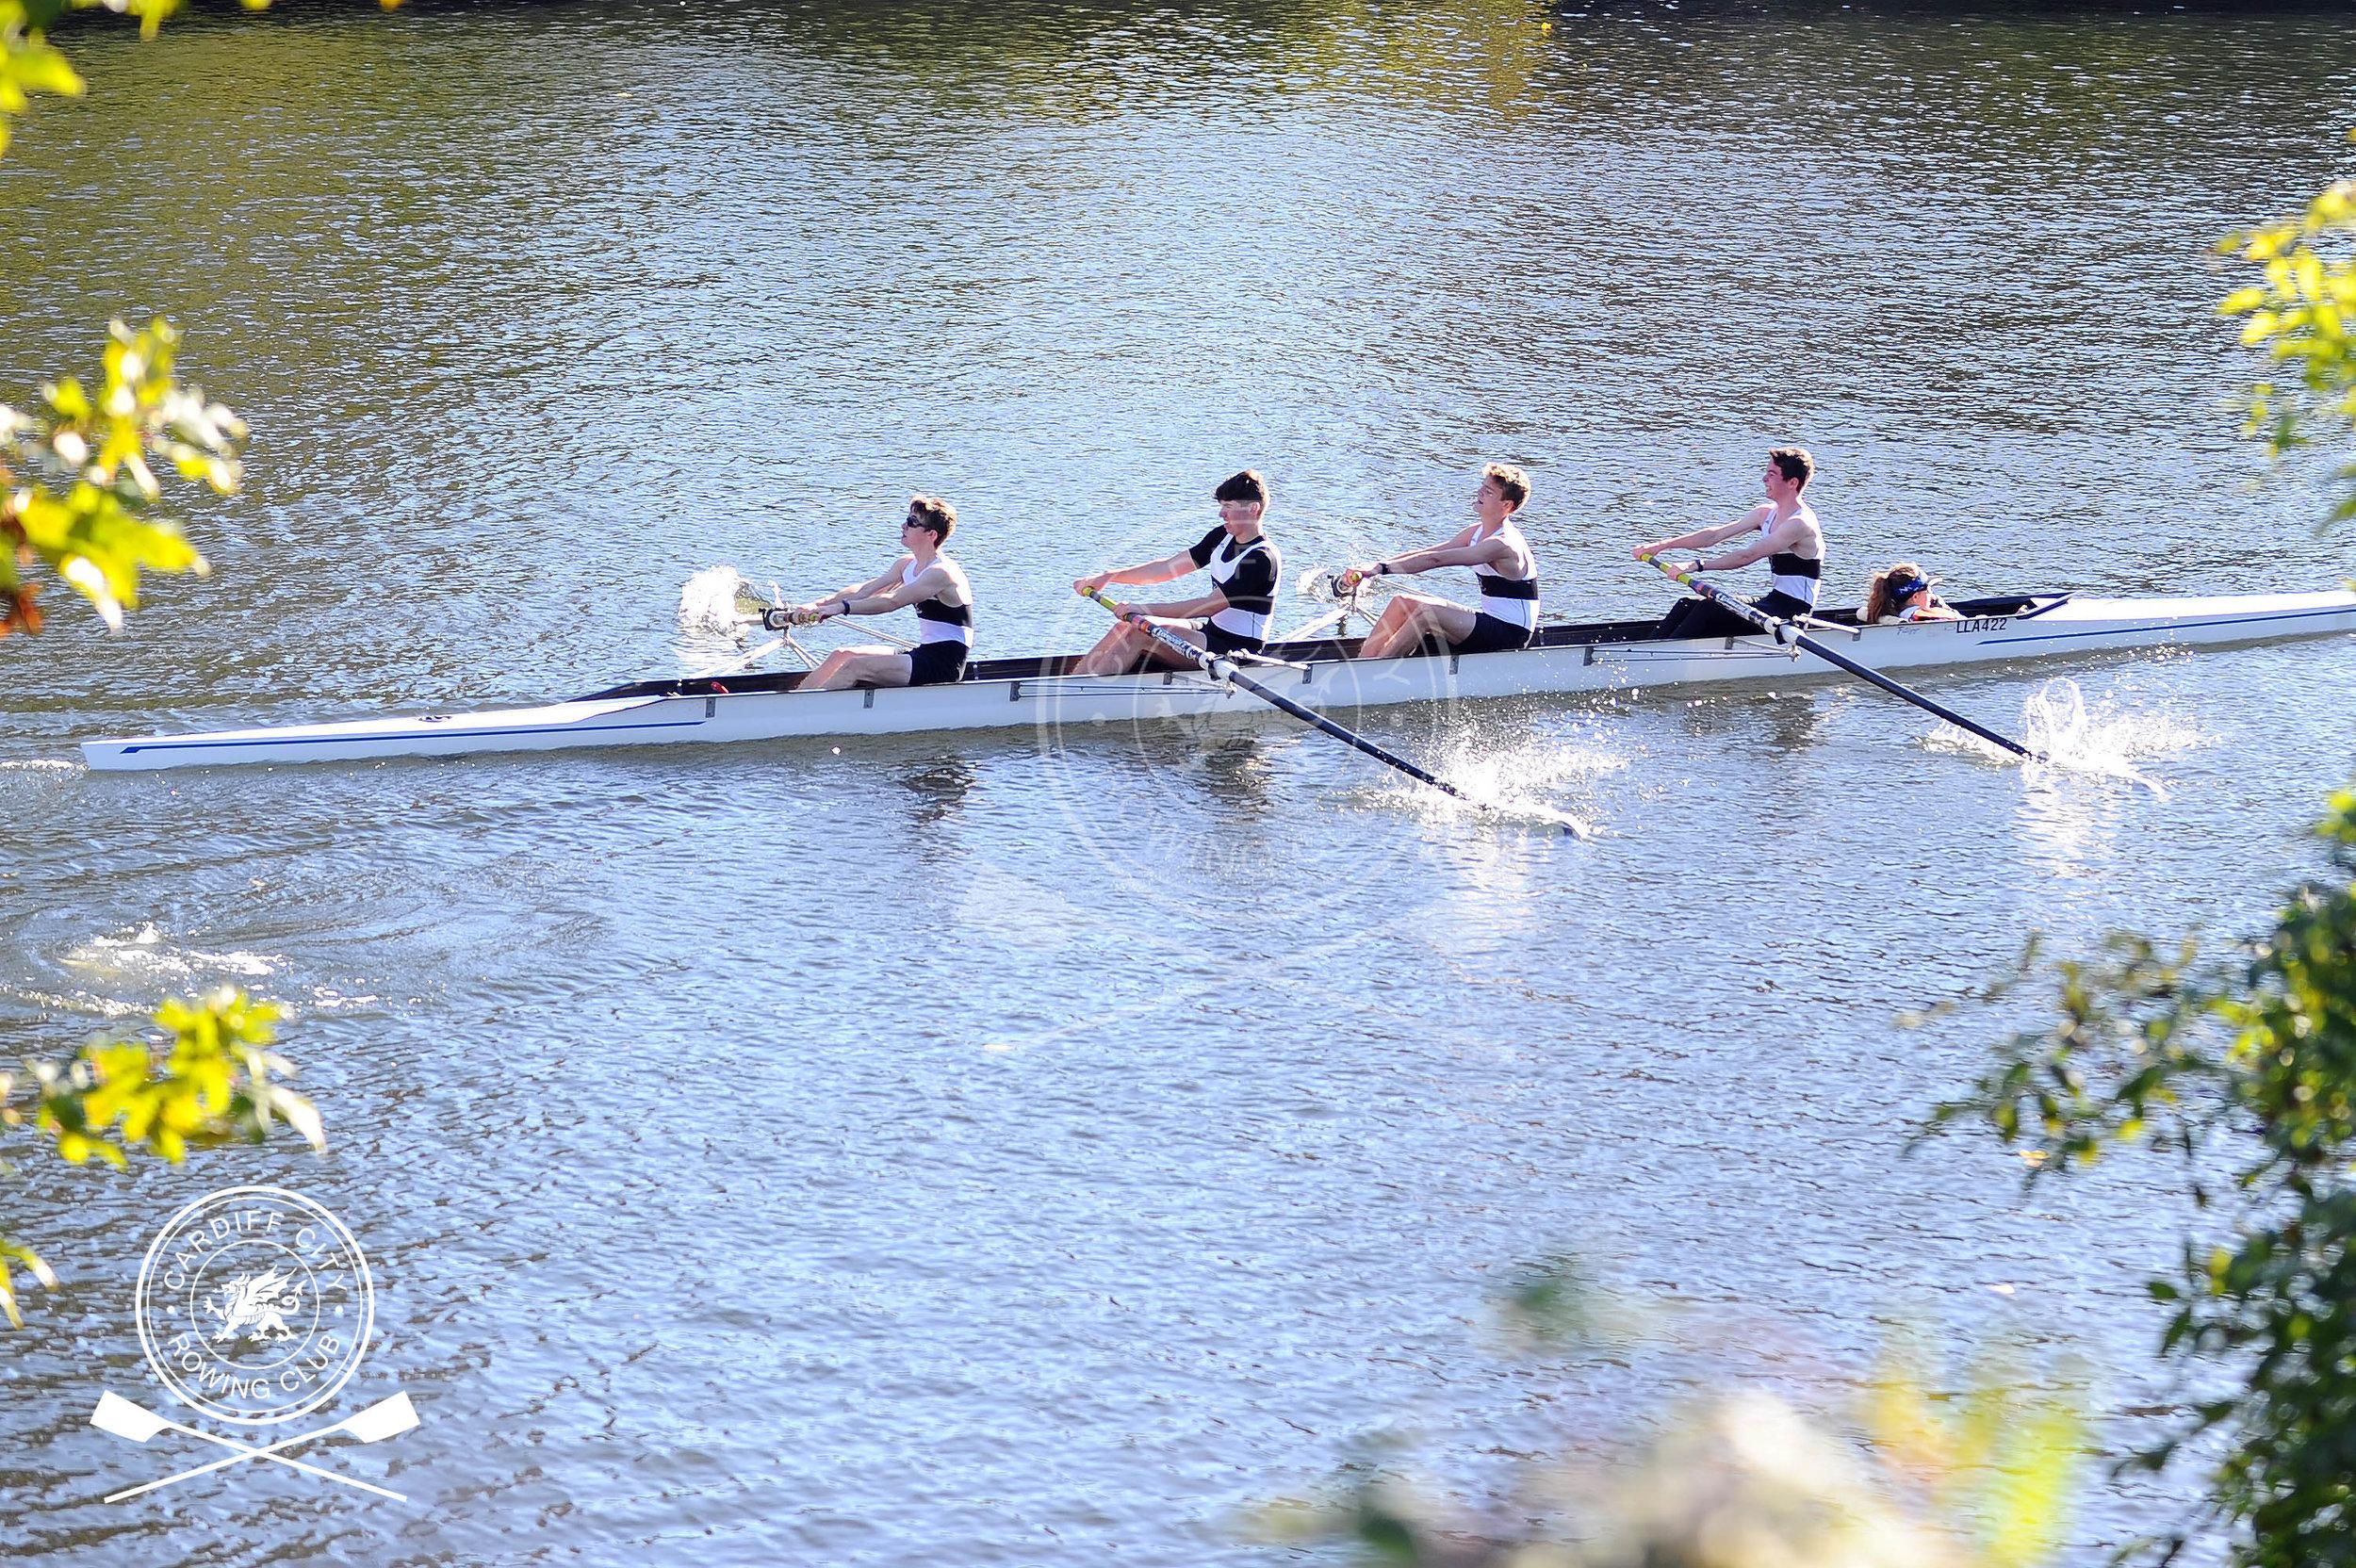 Cardiff_City_Head_Race_29.jpg